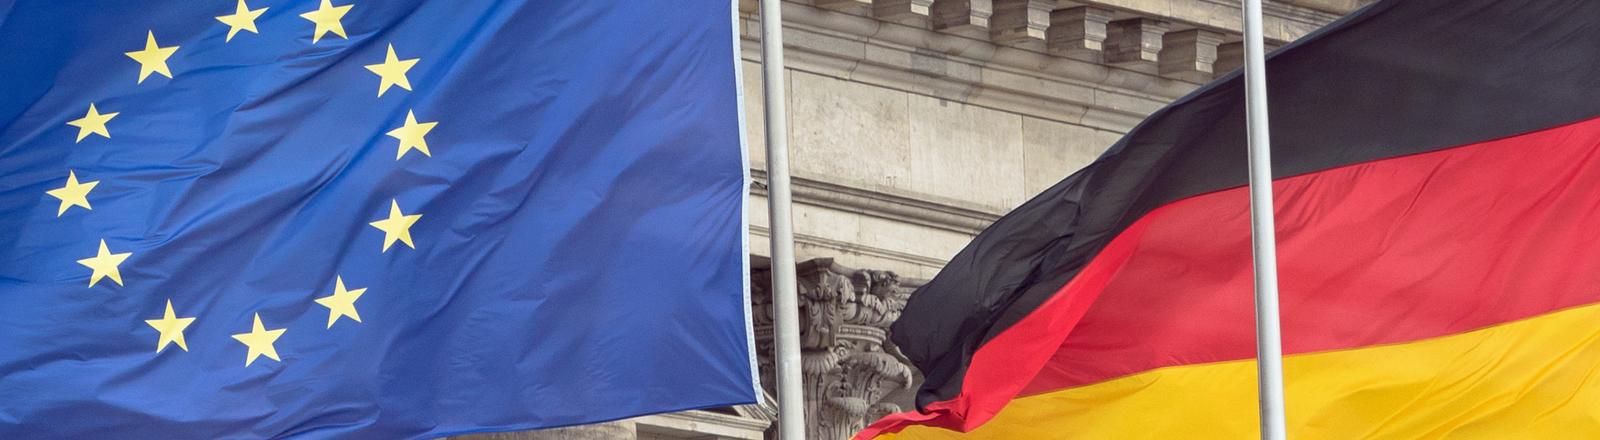 Europa und Deutschland.